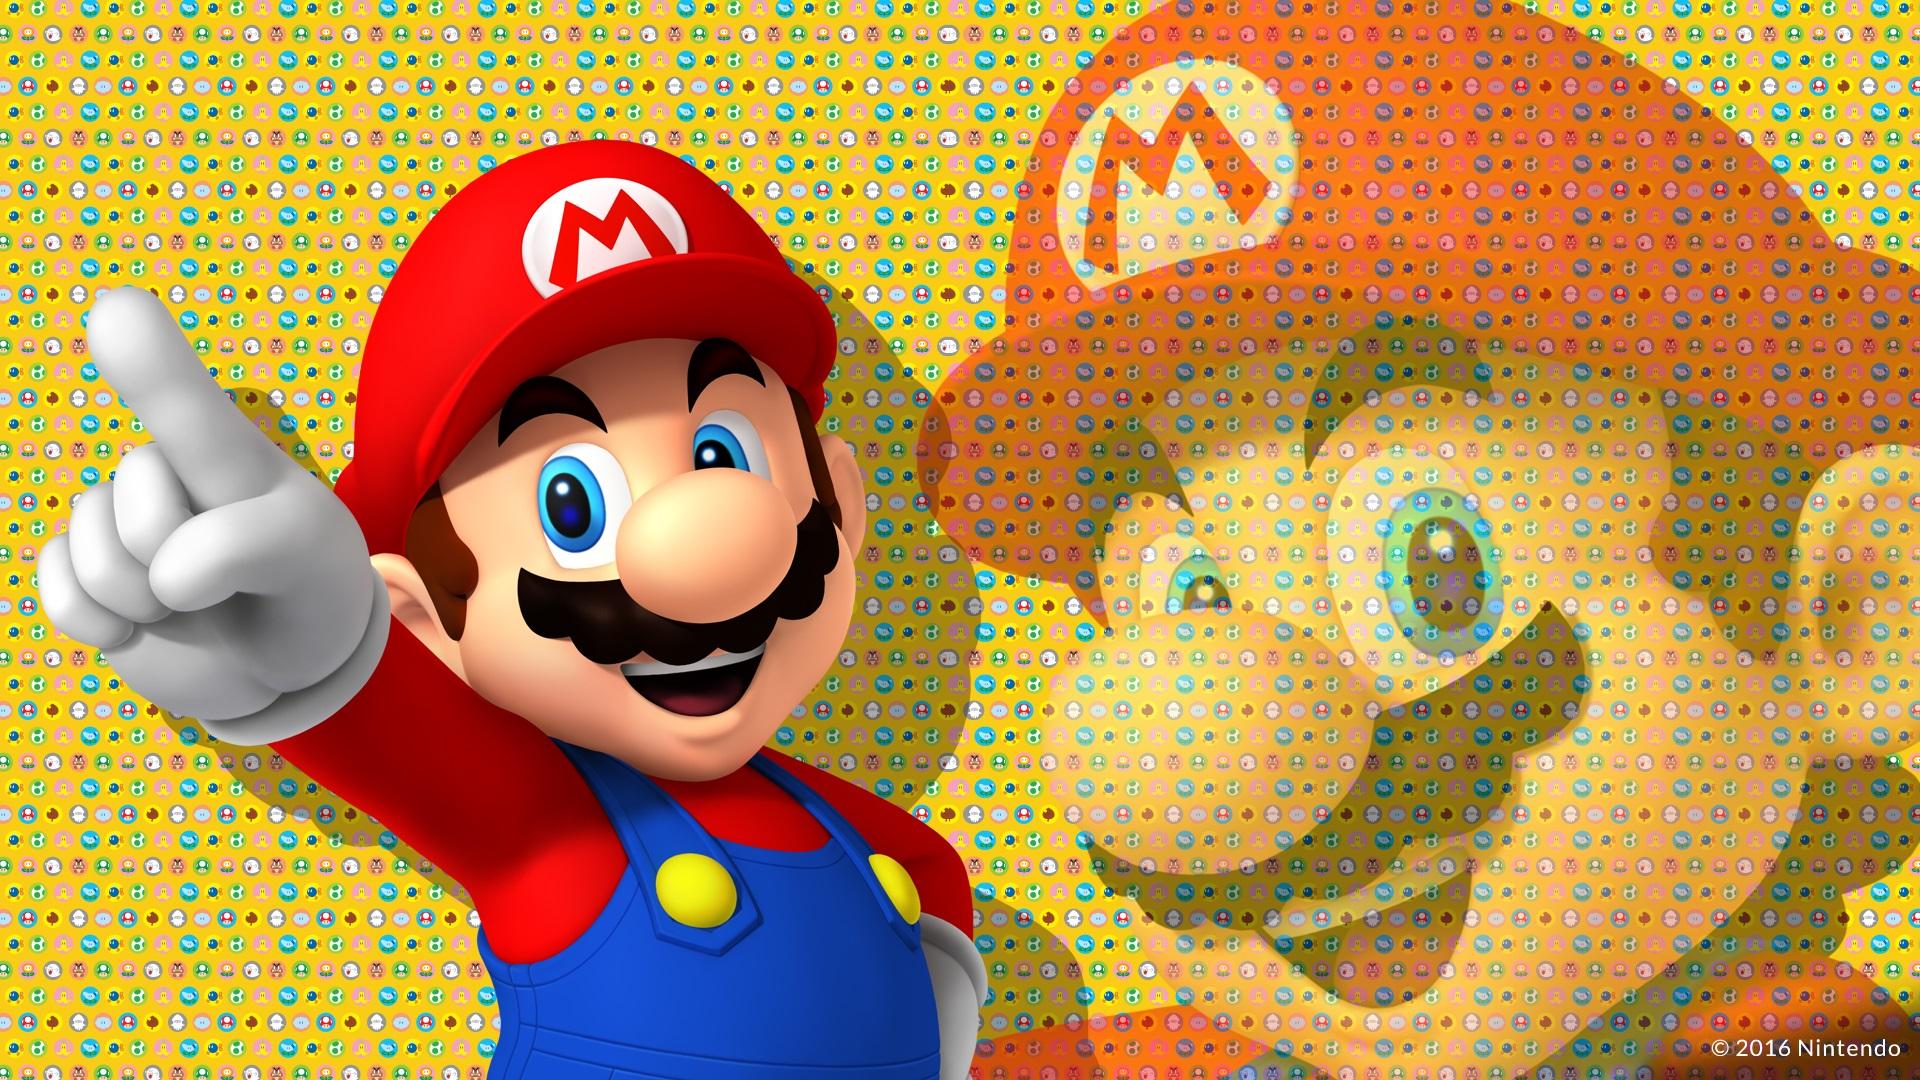 壁紙 任天堂のゲーム スーパーマリオ 1920x1080 Full Hd 2k 無料の